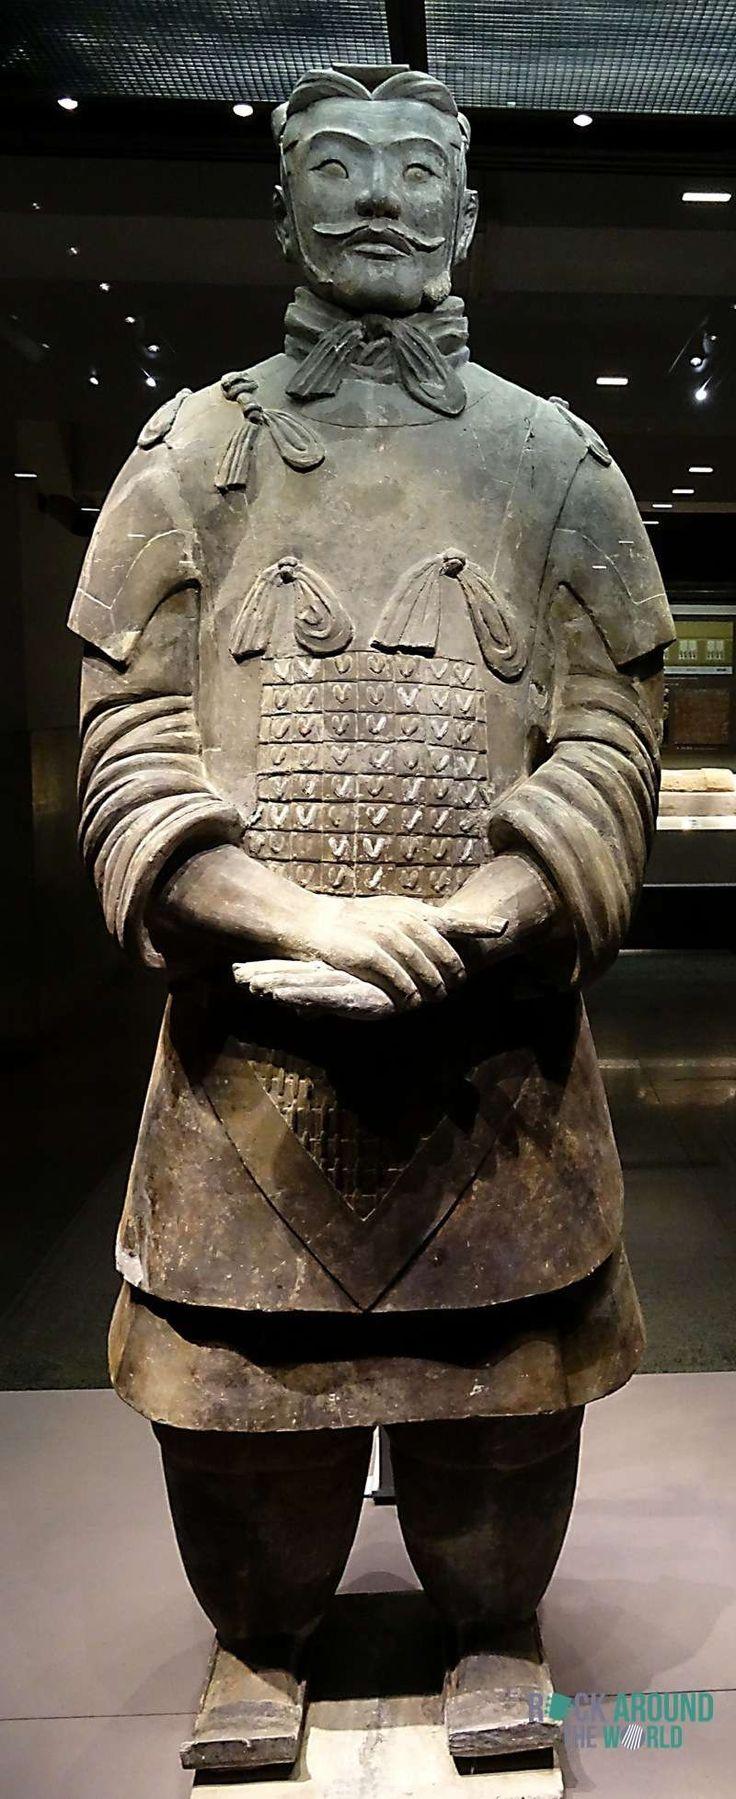 Hochrangiger Offizier der Terrakotta Armee vom Kaiser Qín Shǐhuángdì in Halle 2 – High-ranking Officer of the Terracotta Warriors of the first emperor Qín Shǐhuángdì in Pit 2 in Xi'an, China